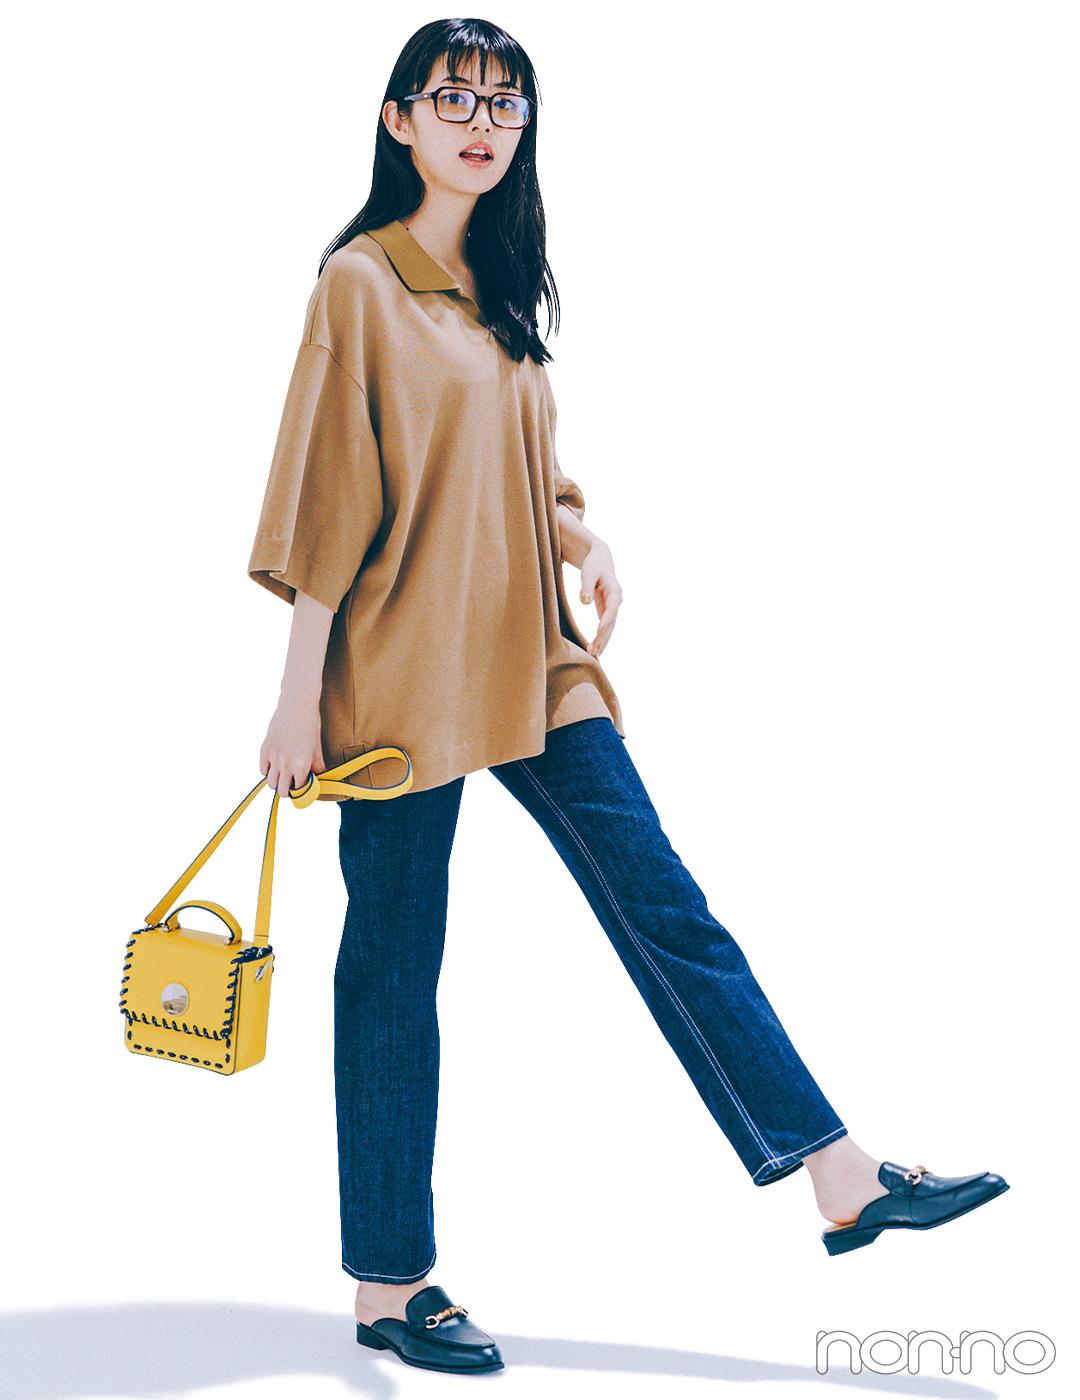 メンズのポロシャツ&デニムで定番ワンツーコーデを新鮮に!【毎日コーデ】